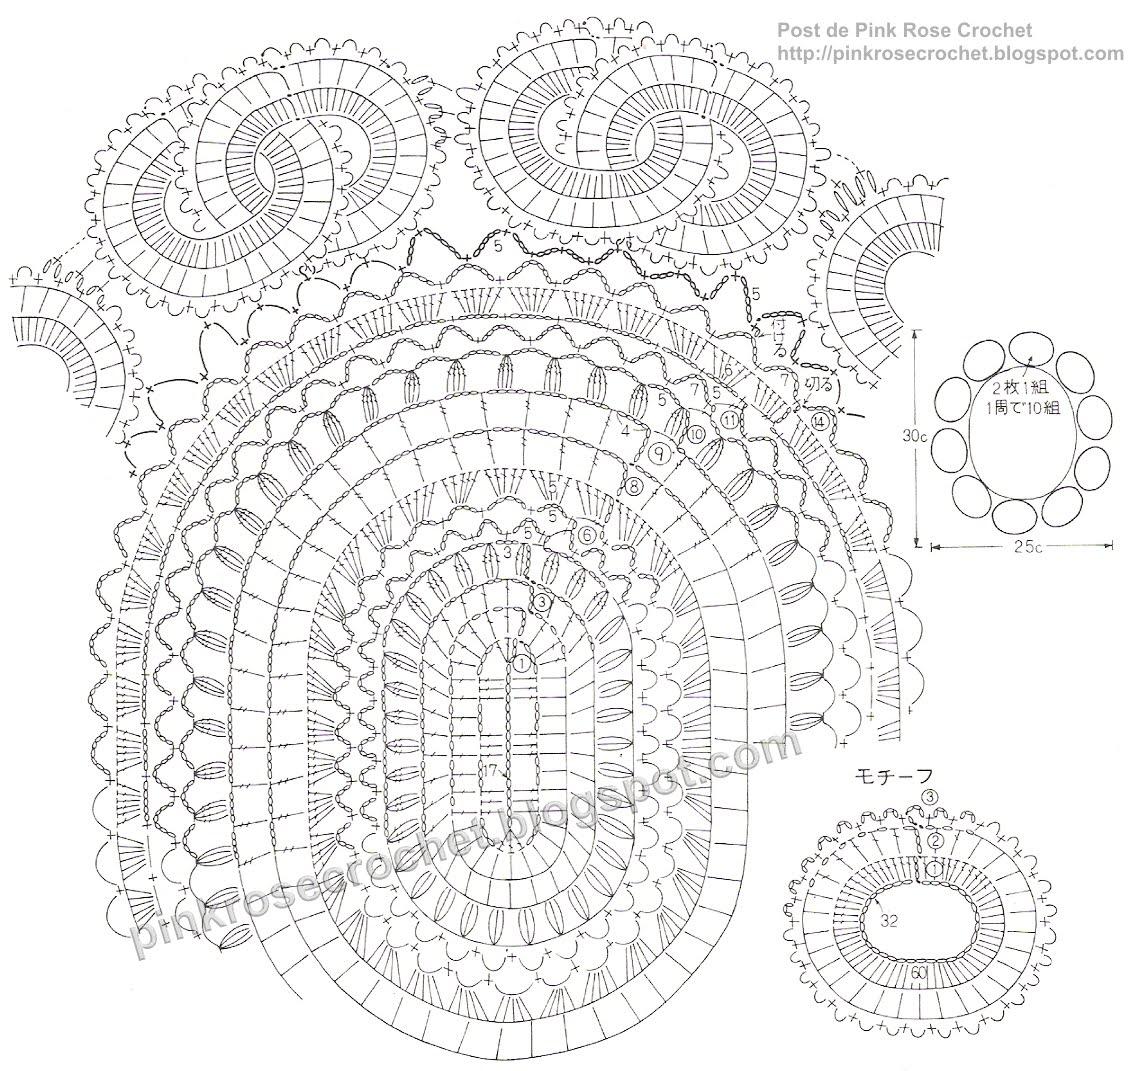 Pink Rose Crochet: Centrinho Toalhinha Círculos Entrelaçados